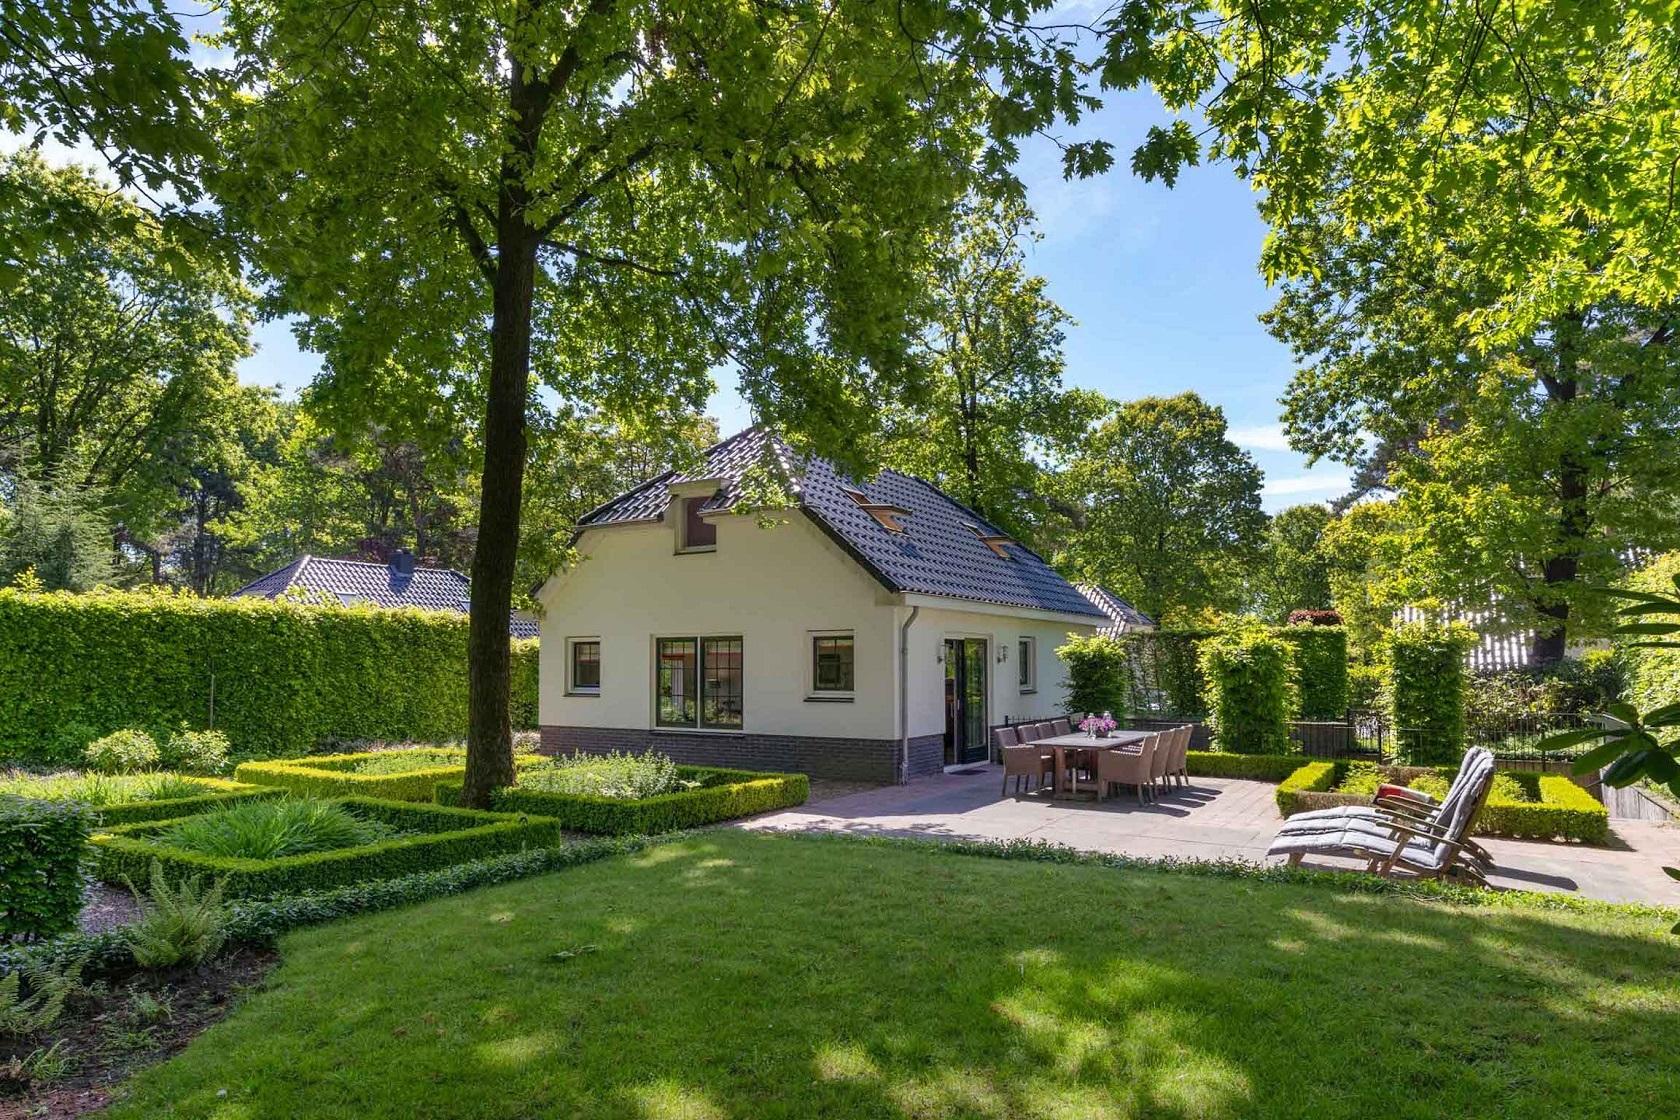 Belvilla vakantiehuizen Nederland